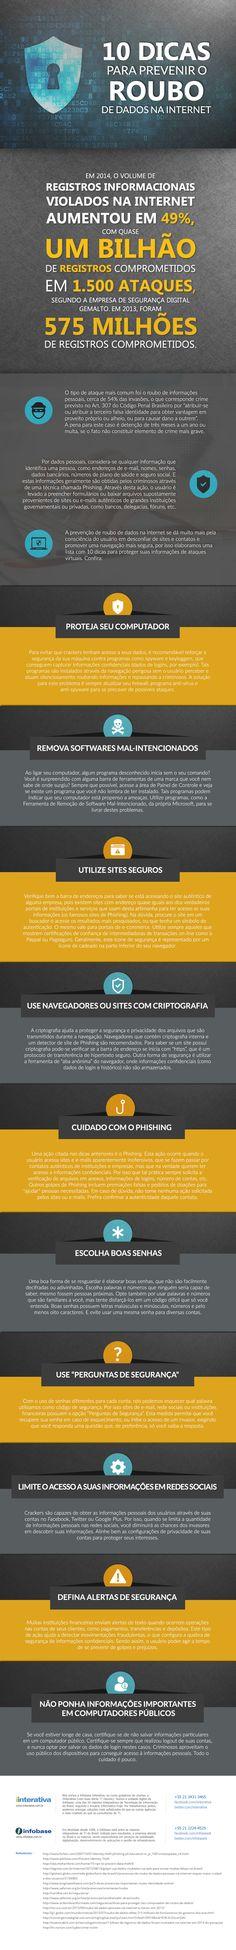 5cd8302a5d674 Infográfico traz 10 dicas de como proteger seus dados na internet   Smart  Automação